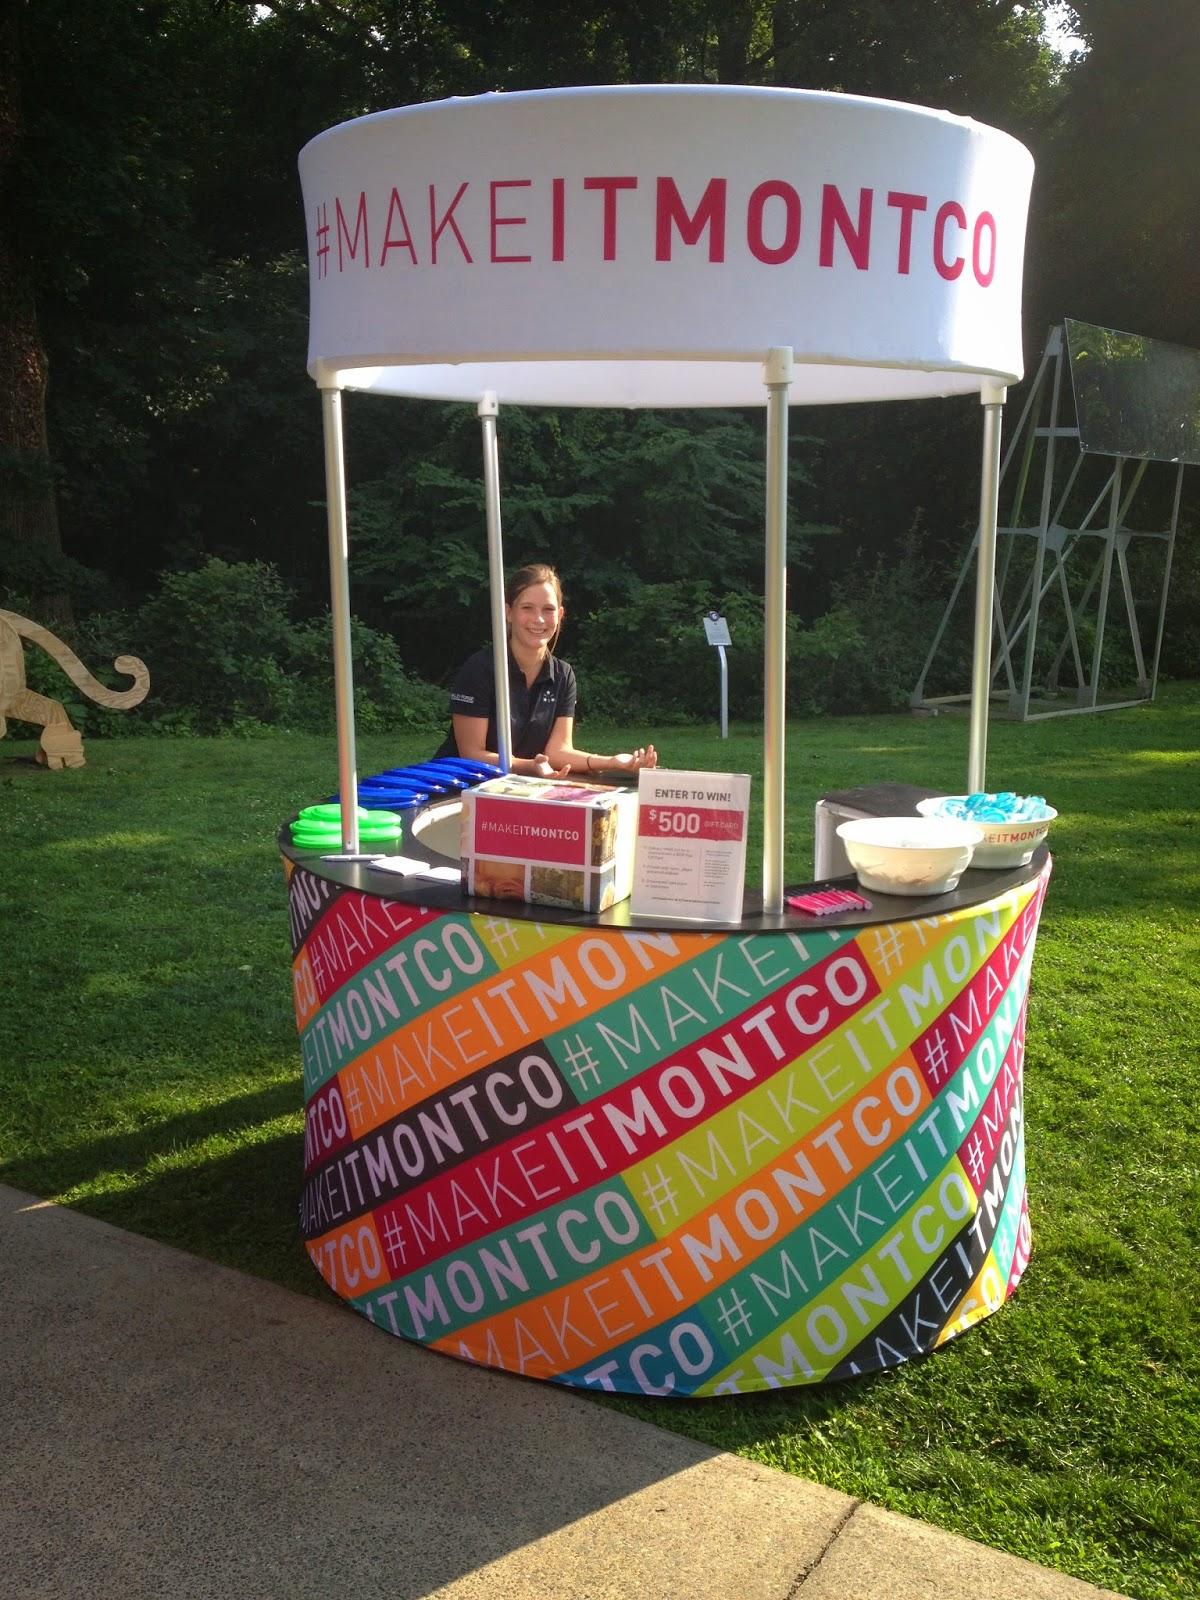 valley forge tourism - make it montco - #makeitmontco